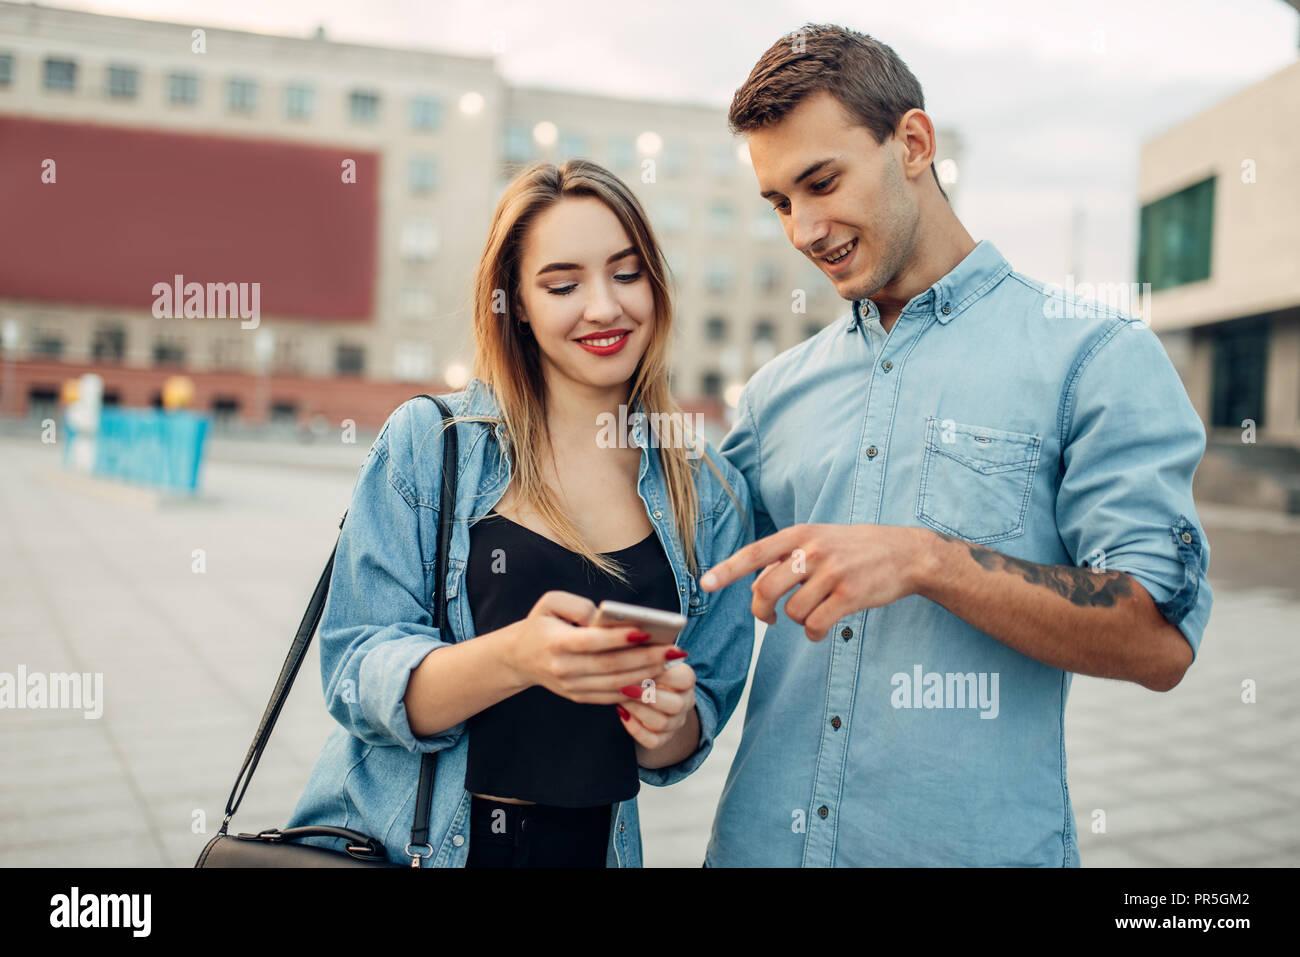 Warum gehen Jungs auf Dating-Seiten